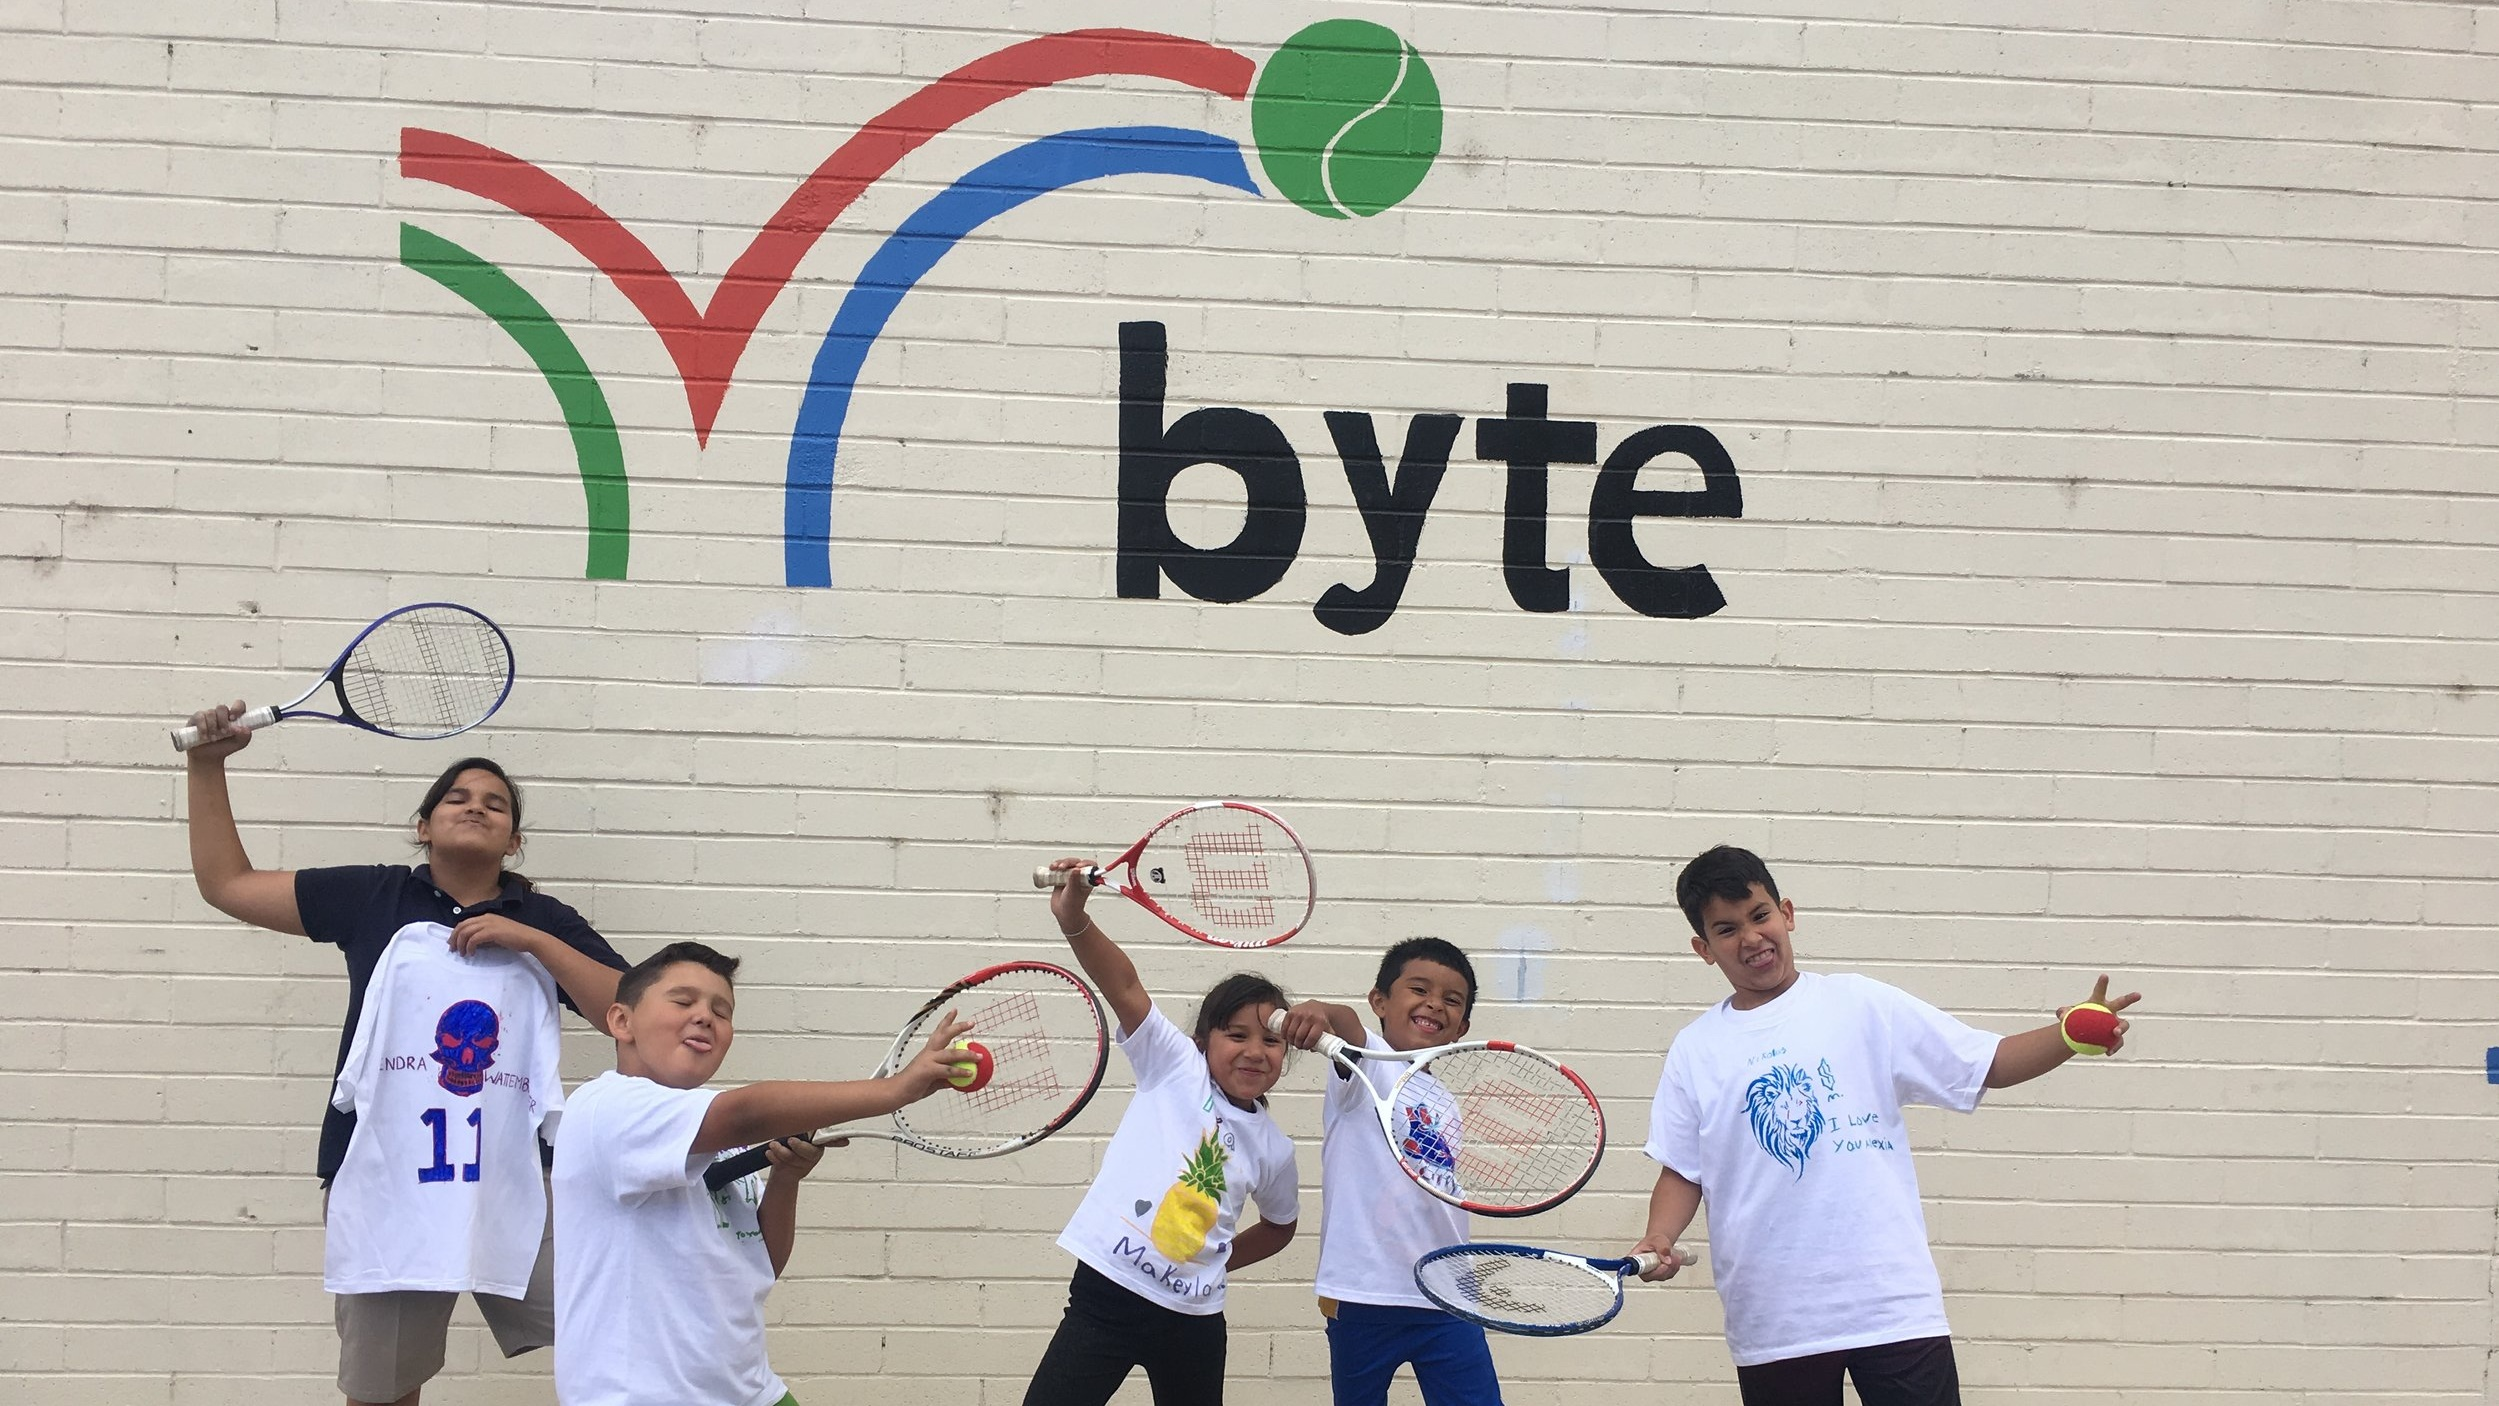 BYTE Summer Program - June 17 - August 9